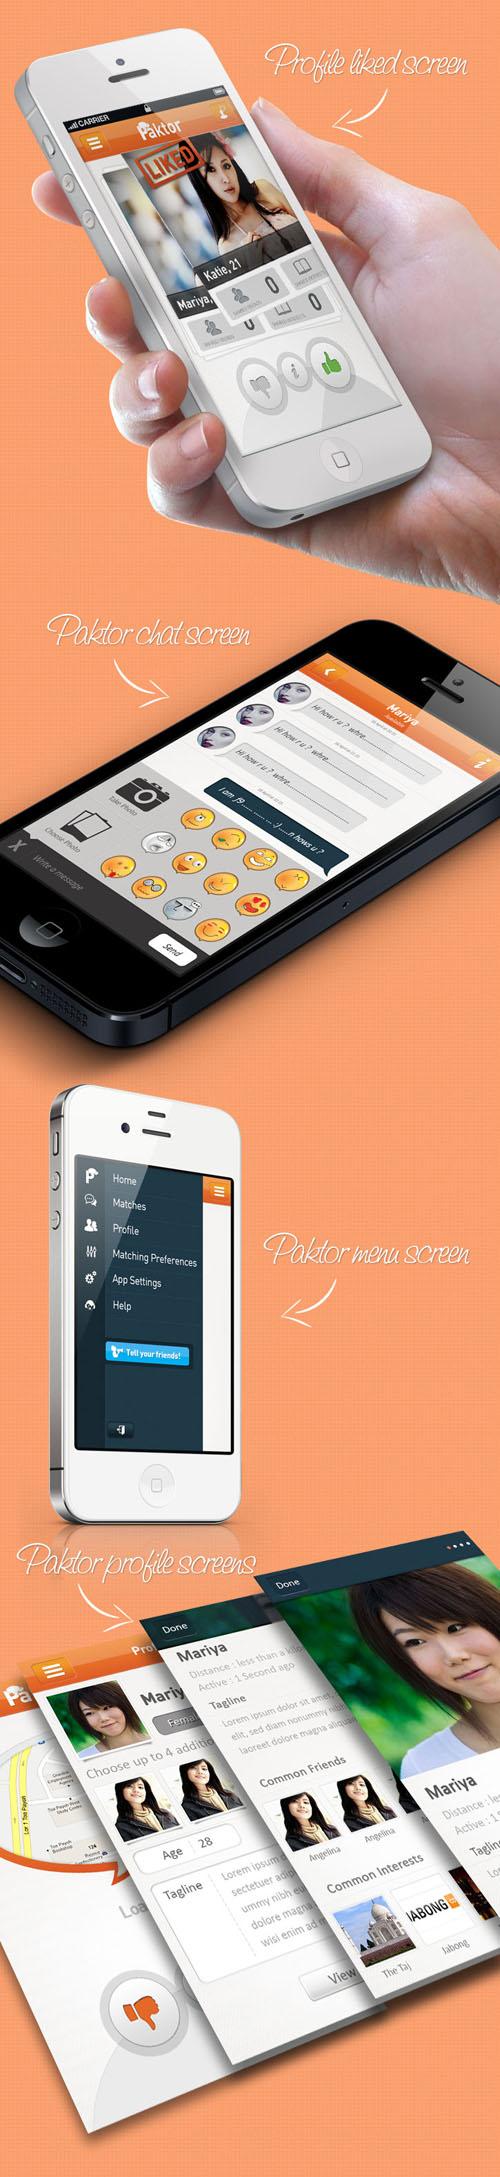 Paktor Dating Mobile App UI UX Design for Inspiration